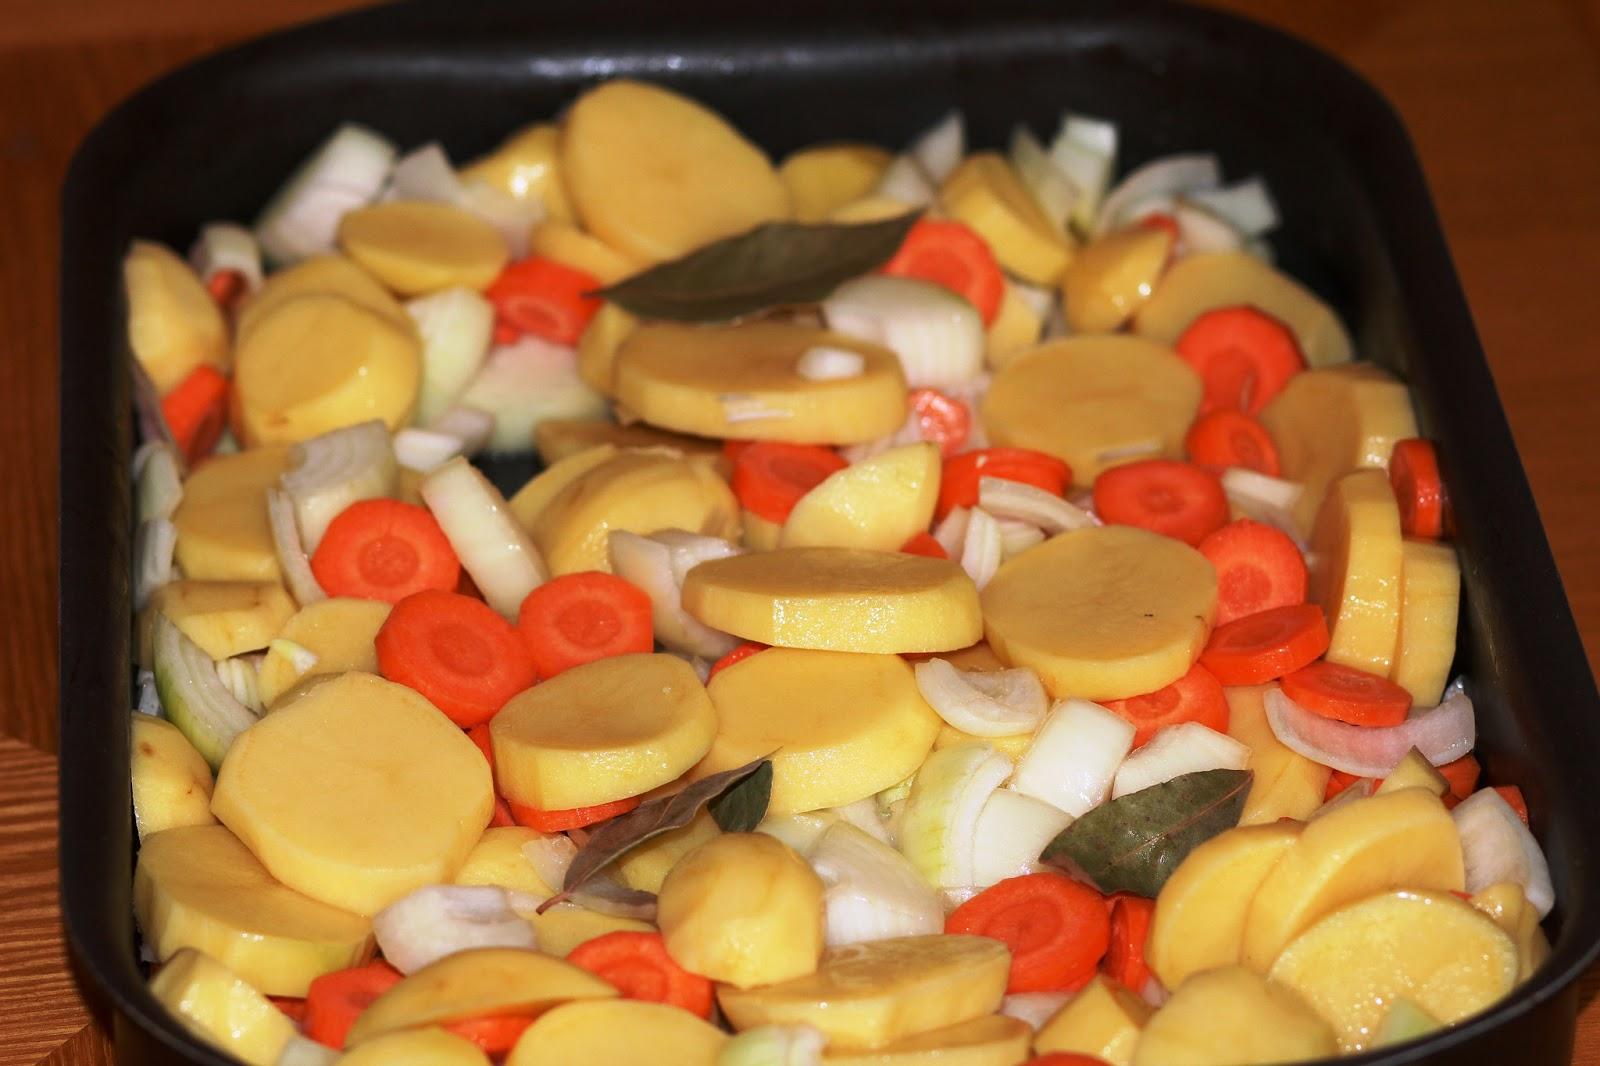 что можно приготовить из картошки и лука и моркови